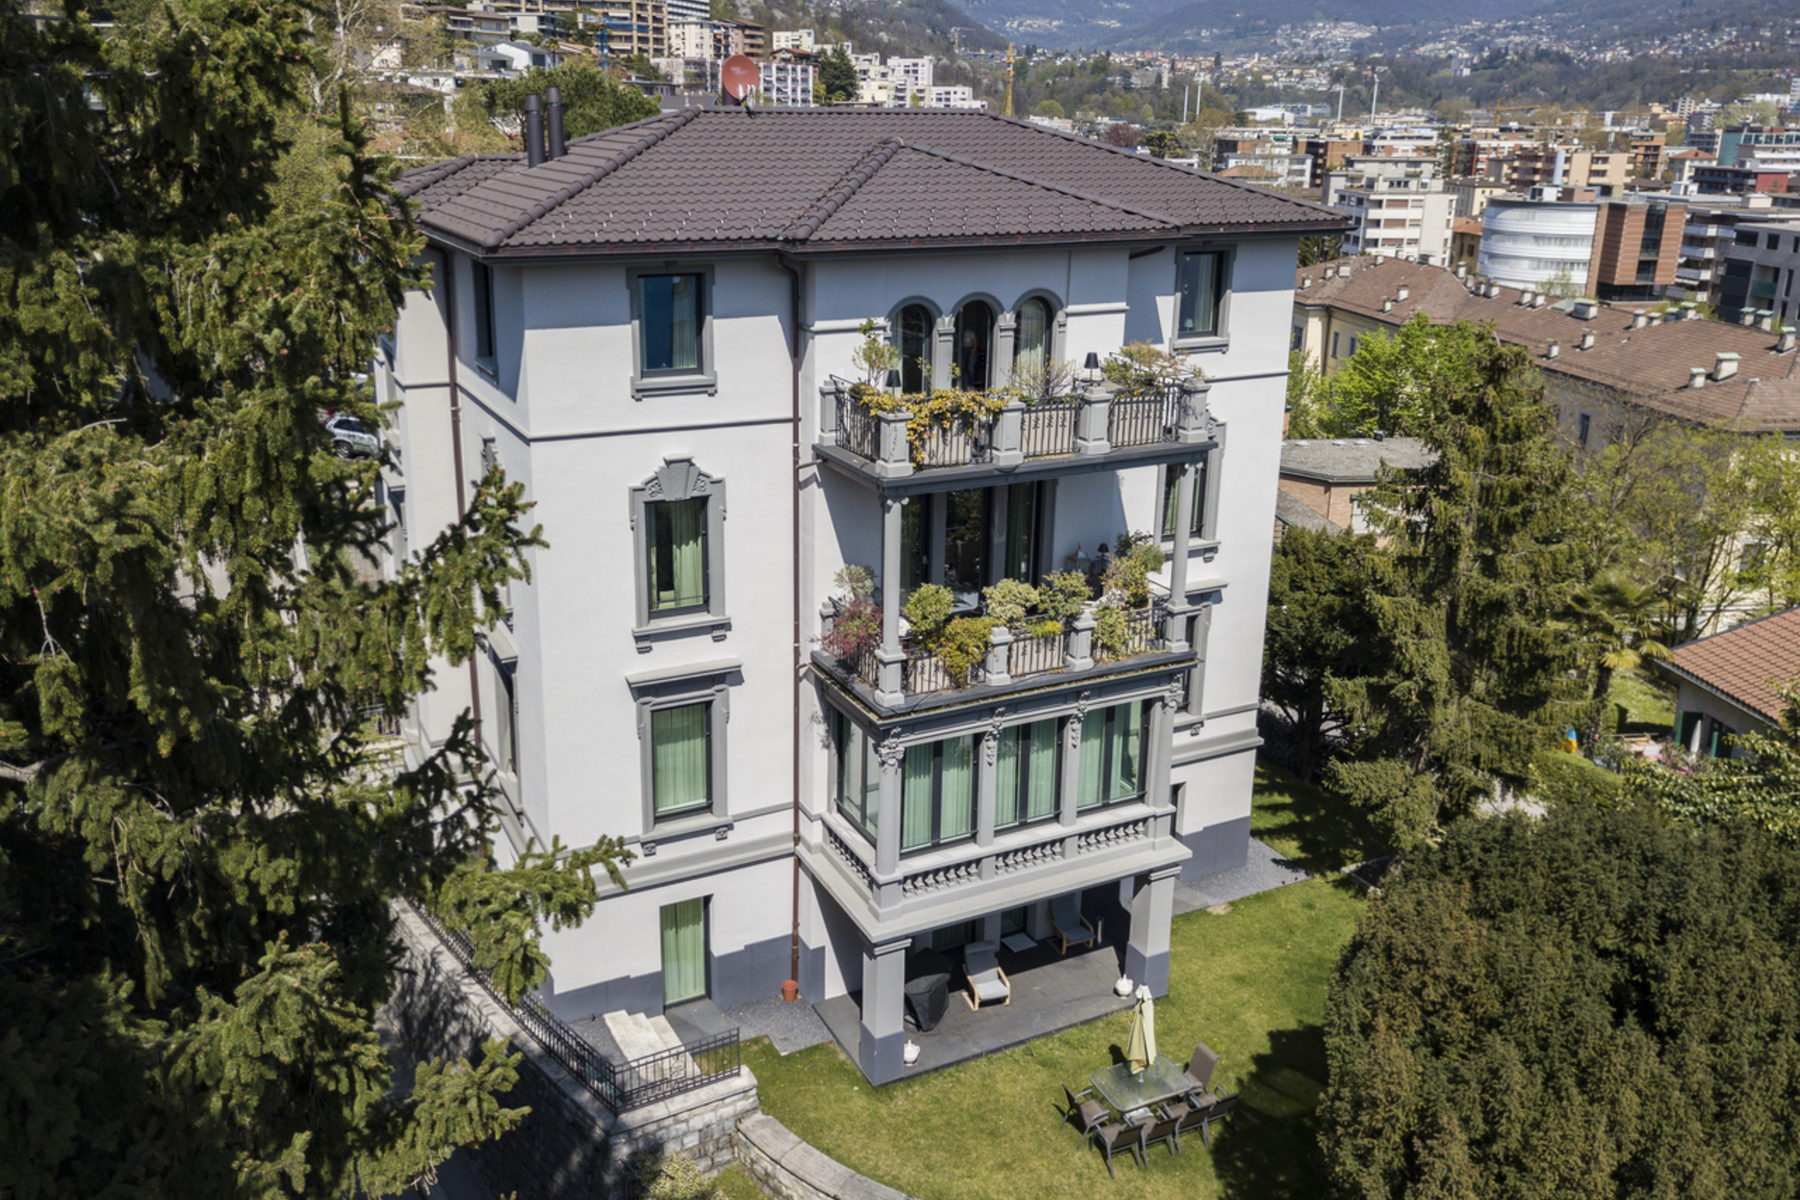 Single Family Homes for Sale at Villa Castausio Lugano Lugano, Ticino 6900 Switzerland